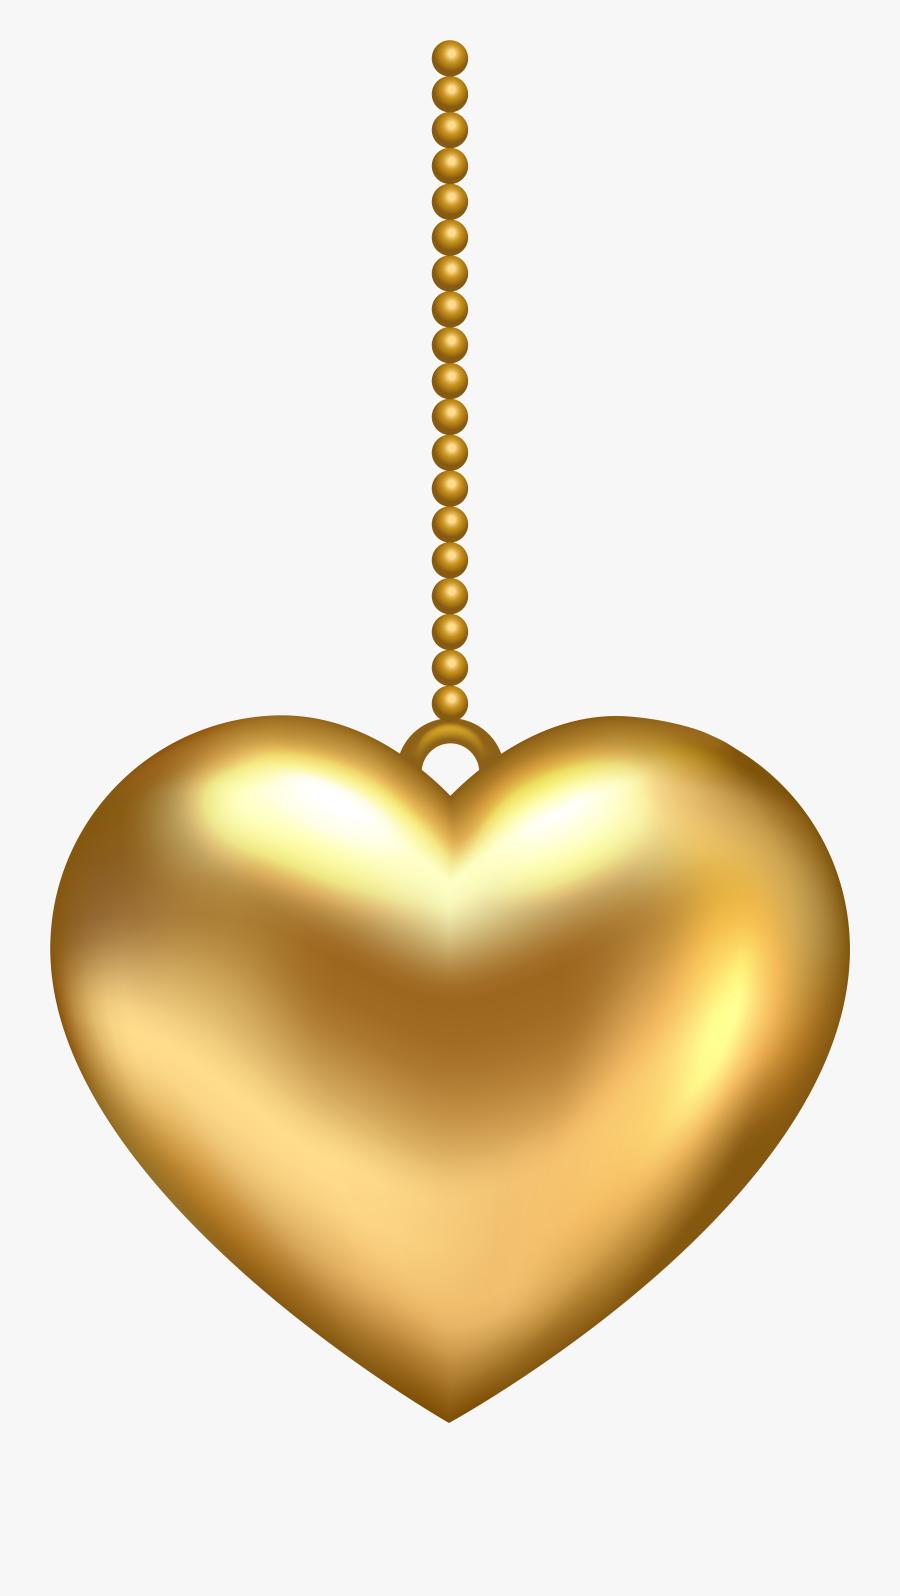 Transparent Gold Rose Png - Golden Heart Transparent Background, Transparent Clipart